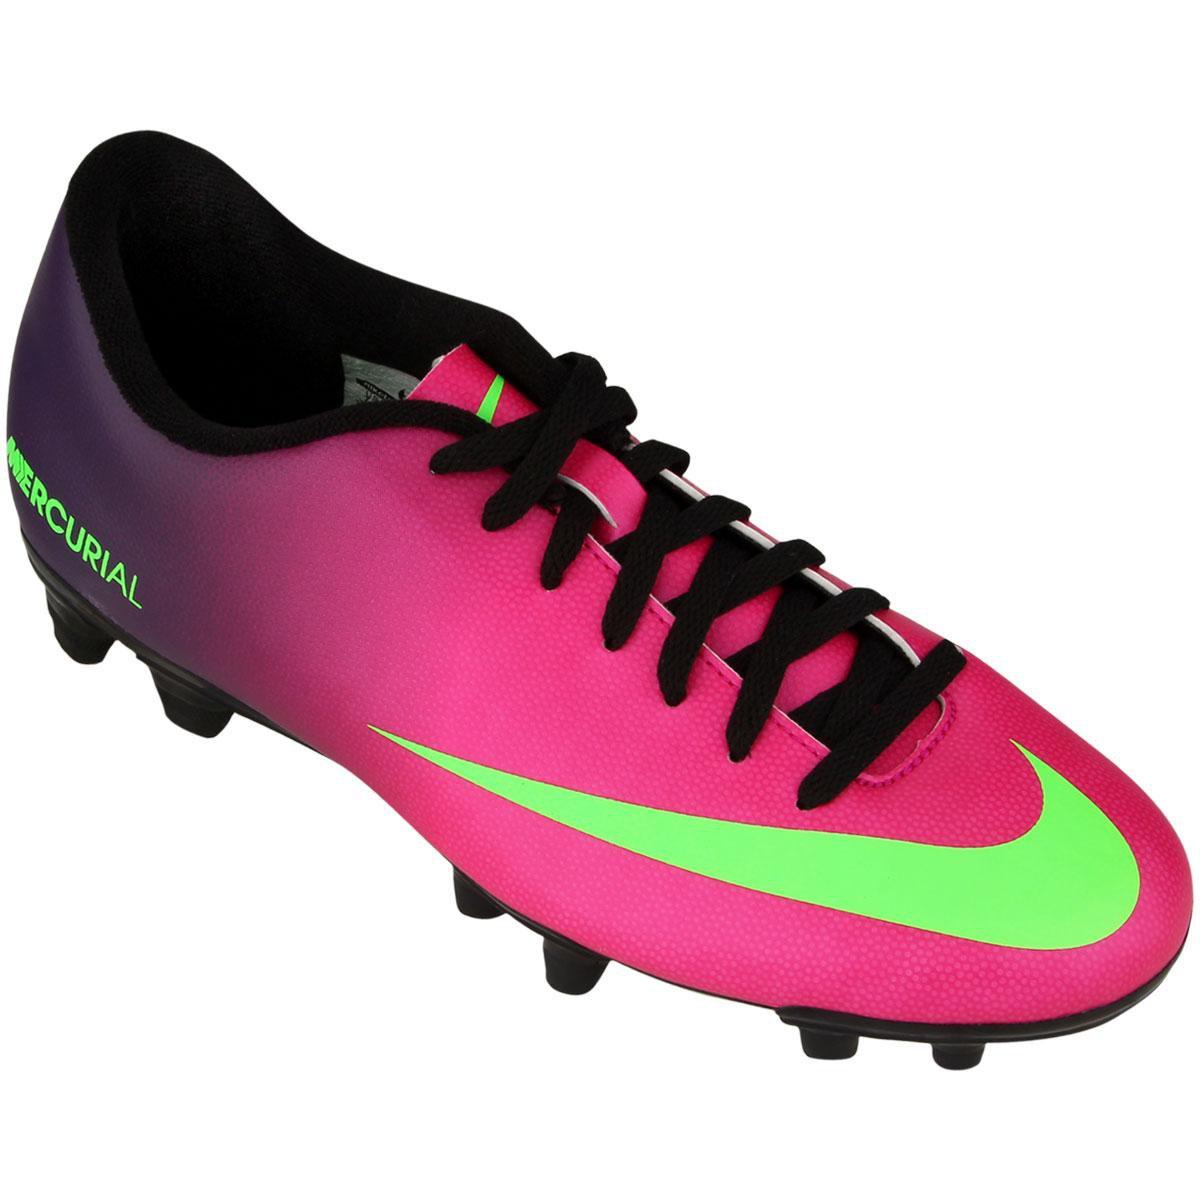 543df5f5f1 Chuteira Nike Mercurial Vortex FG